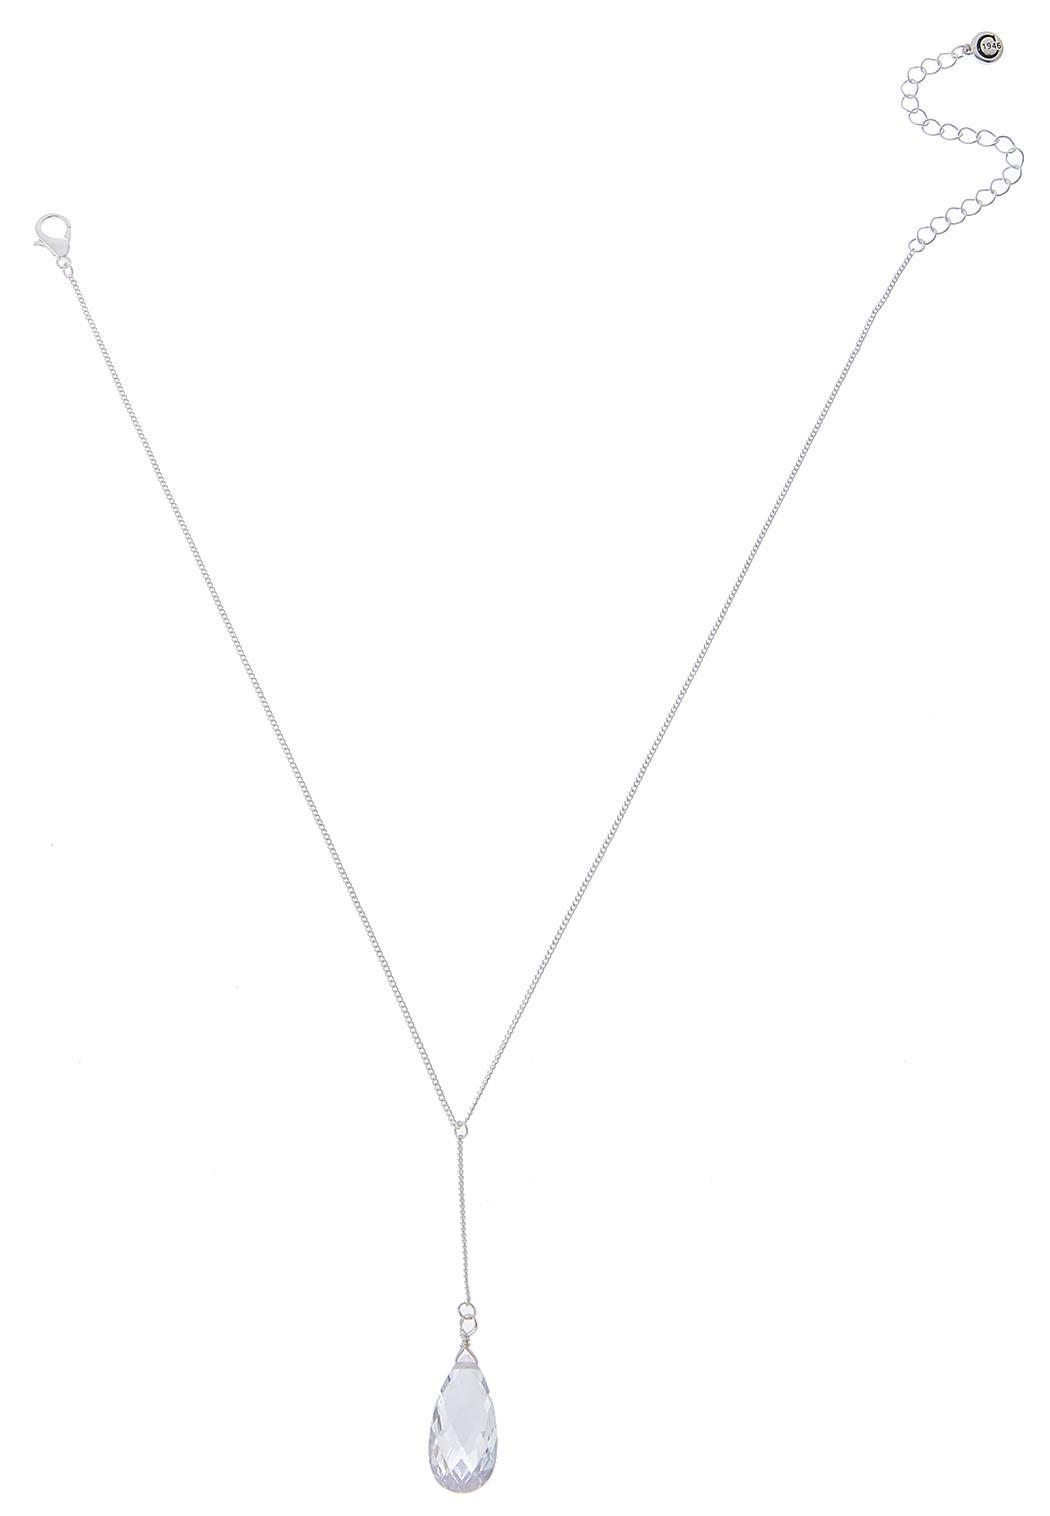 Cubic Zirconia Y-Necklace